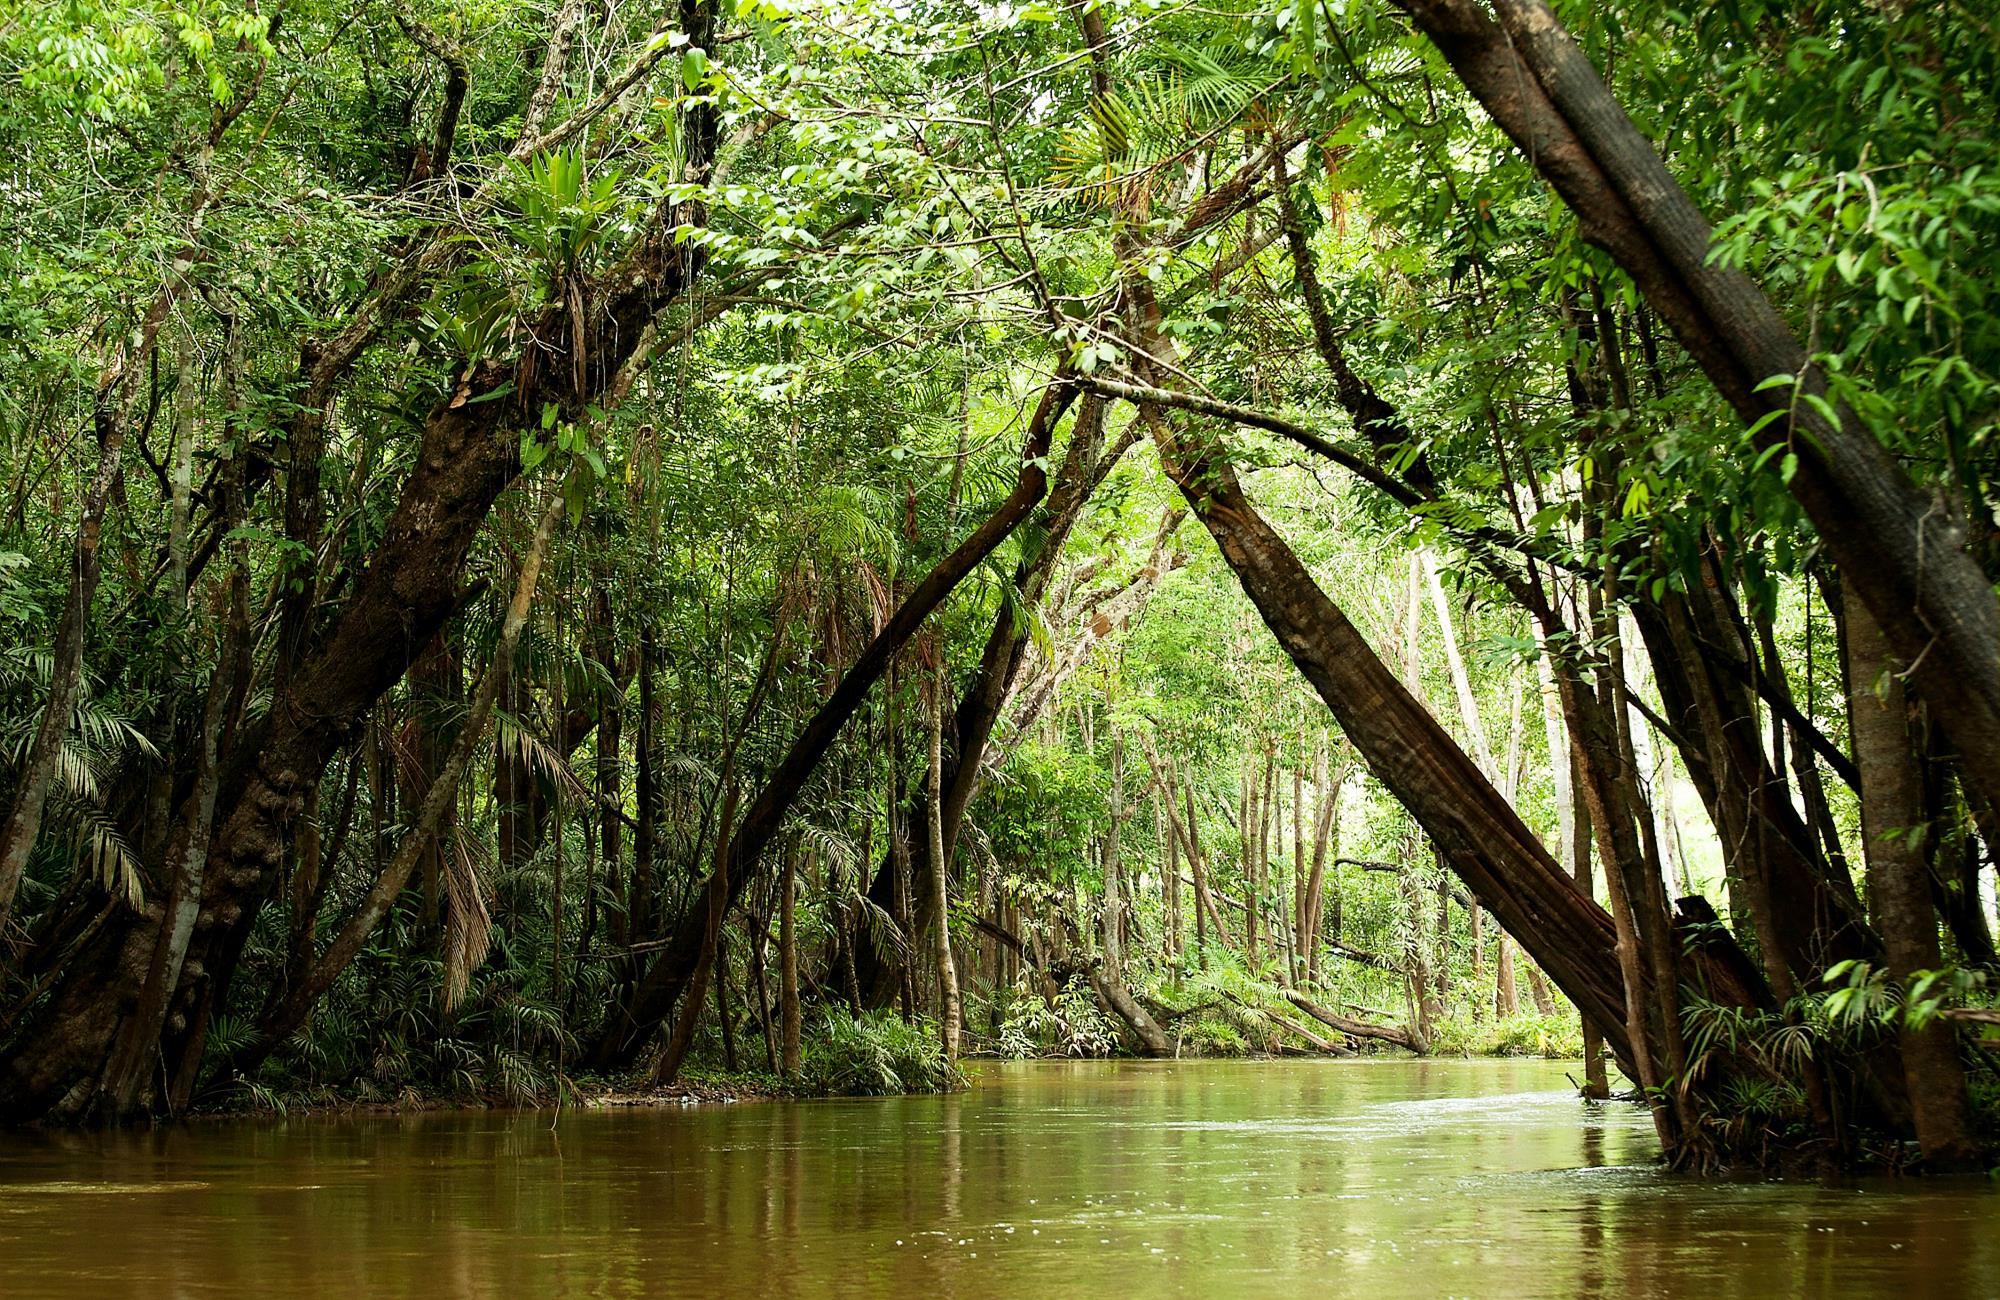 Voyage au Brésil - Foret amazonienne - Amplitudes